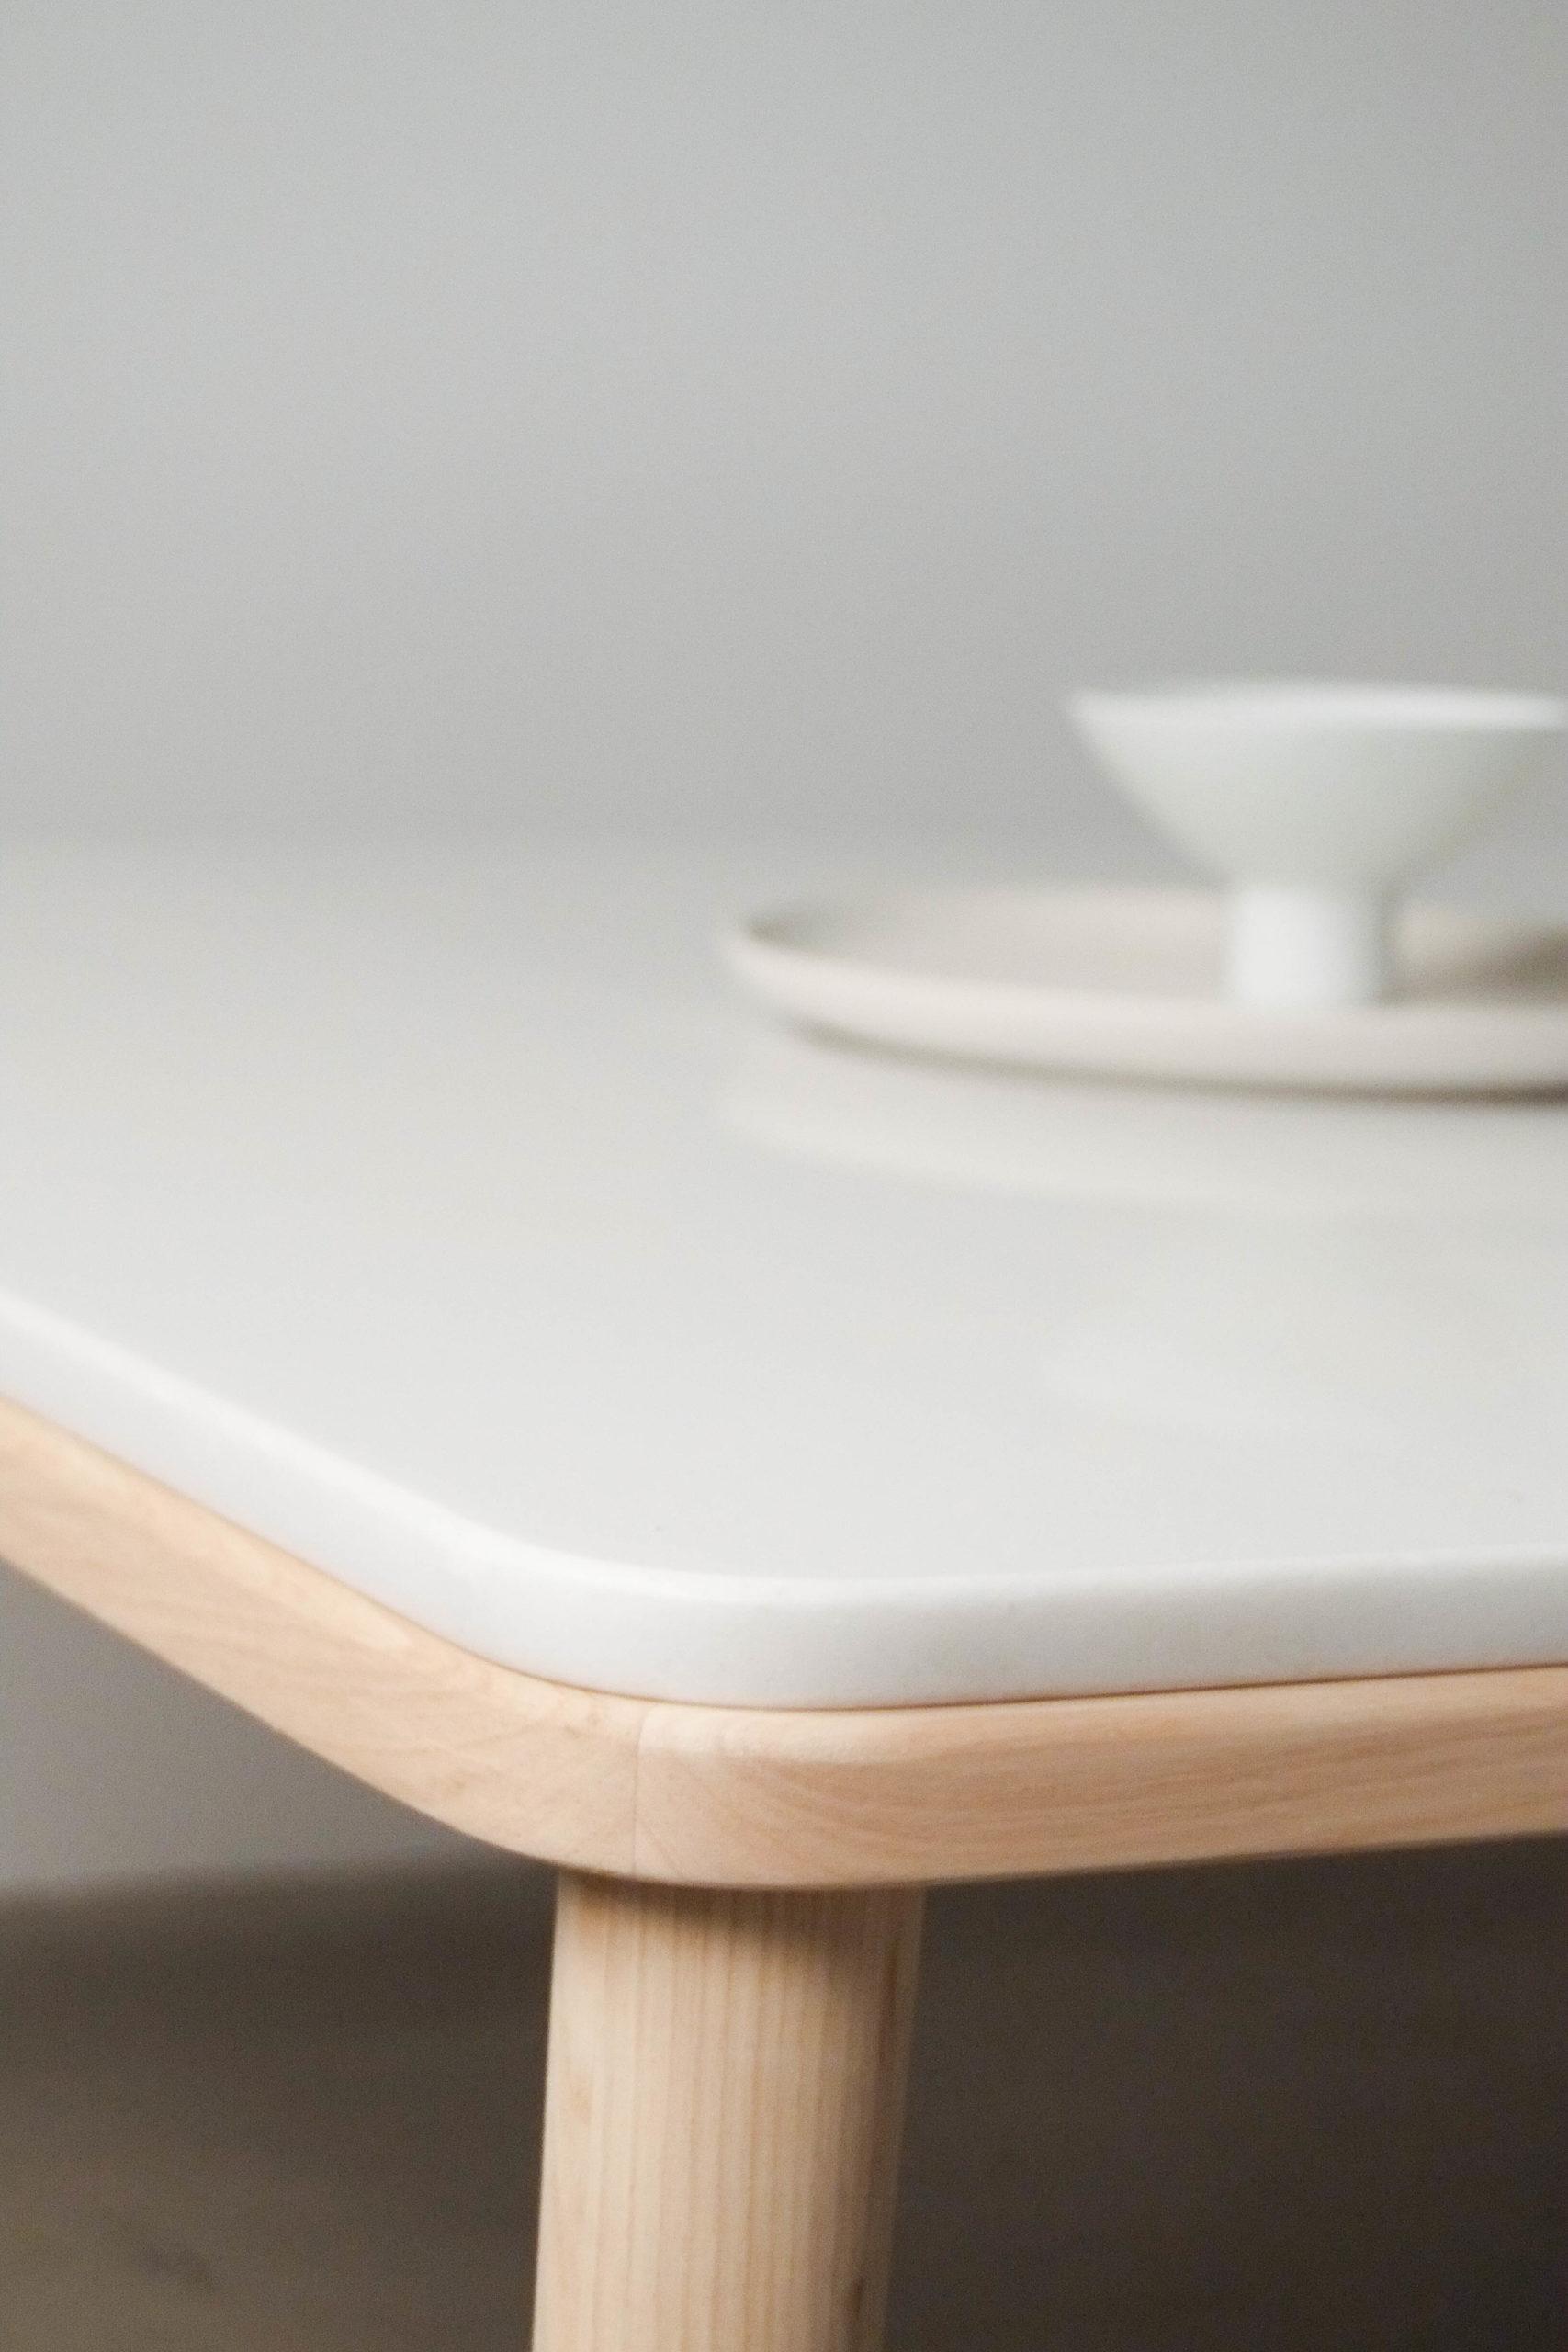 mesa hecha a mano marmol madera castaño